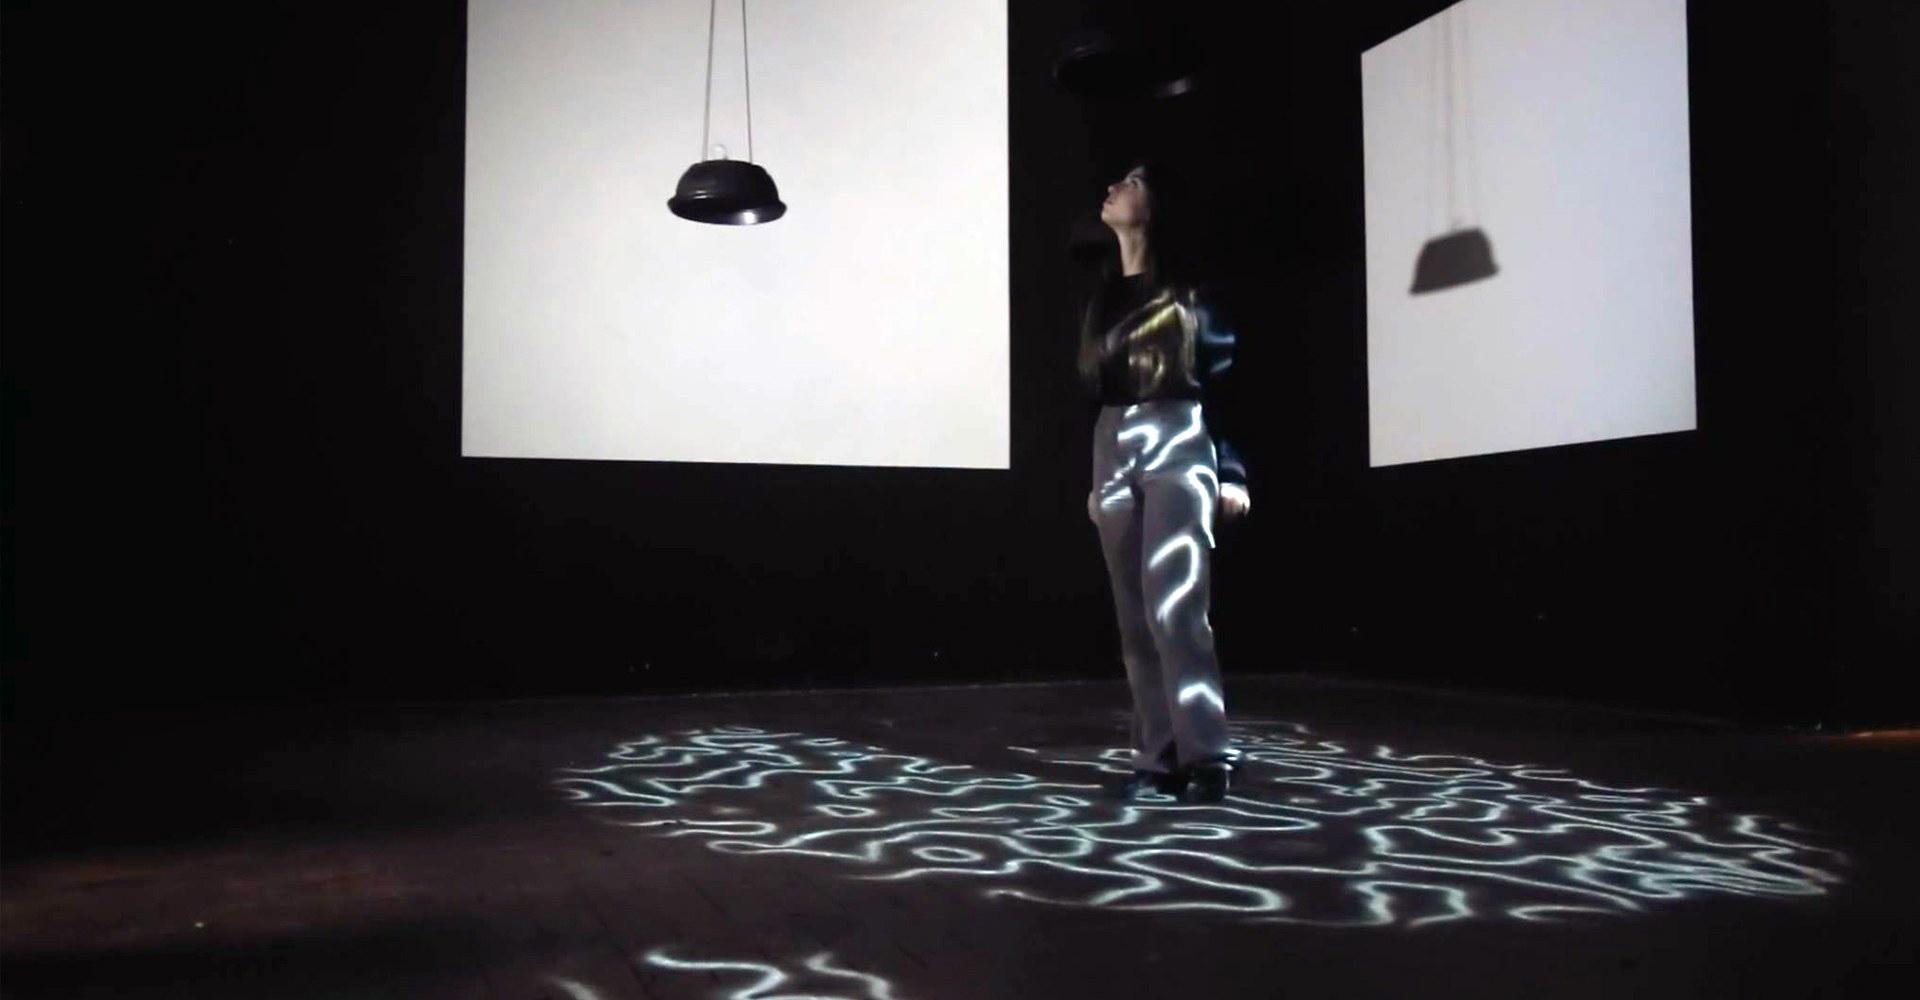 ultravioletto_rufa_multimedia_arts_design_8